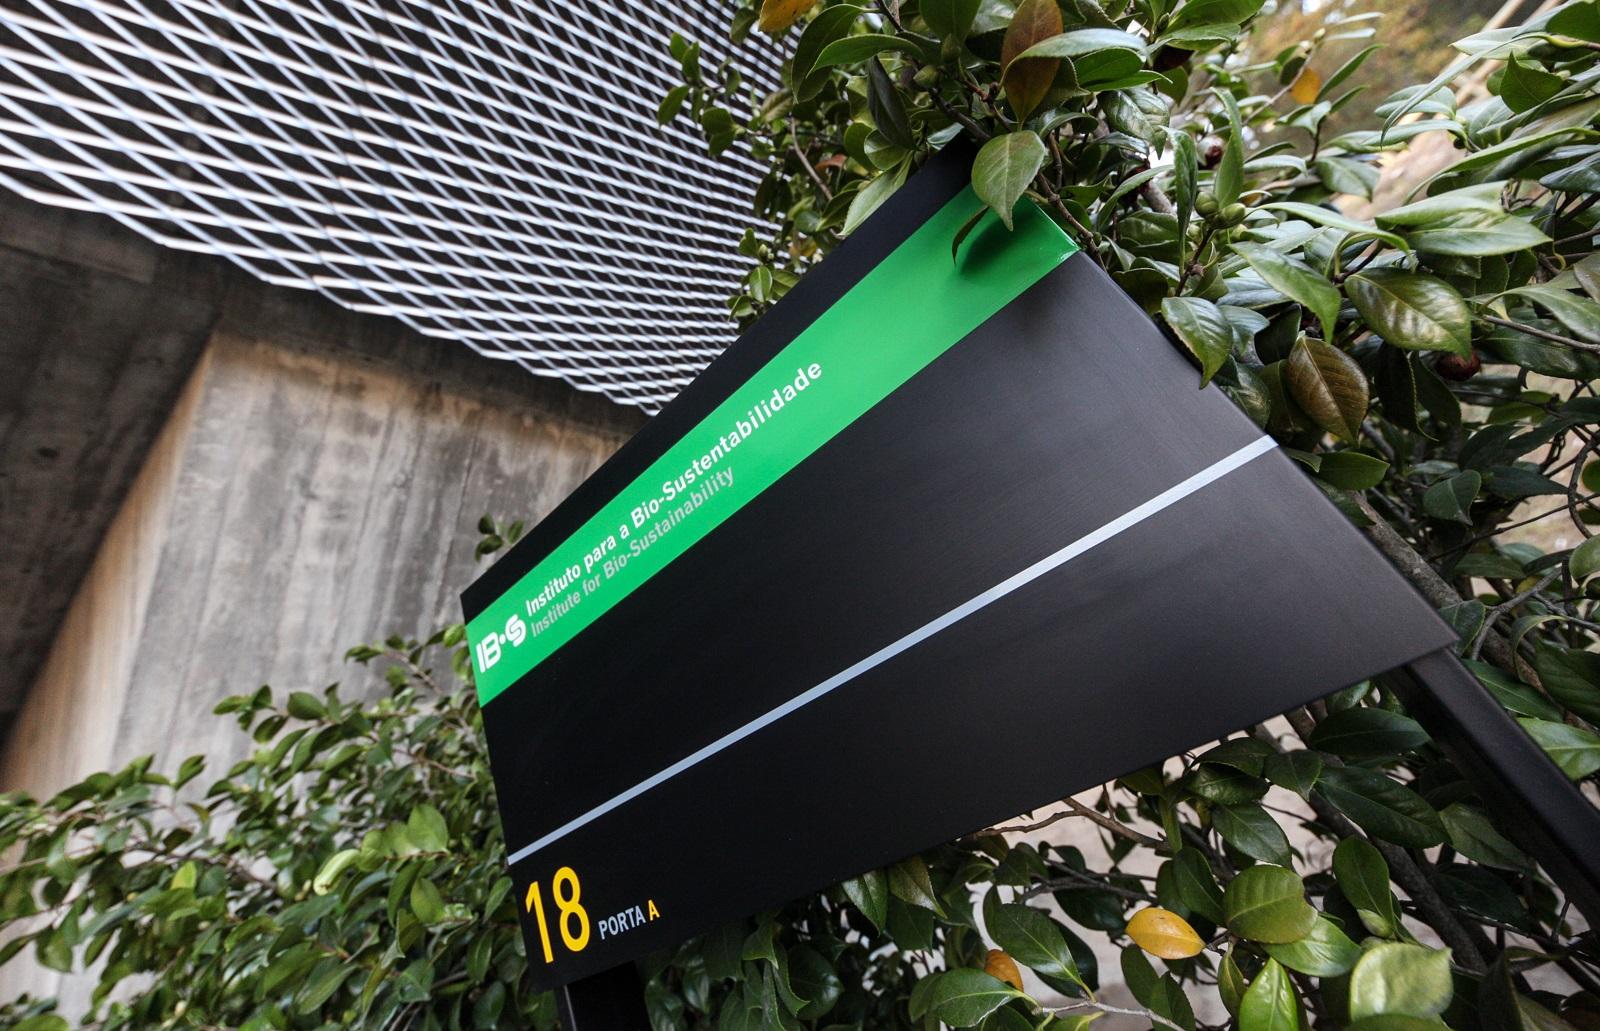 Placa indicativa do IB-S (foto de Nuno Gonçalves/UMdicas)